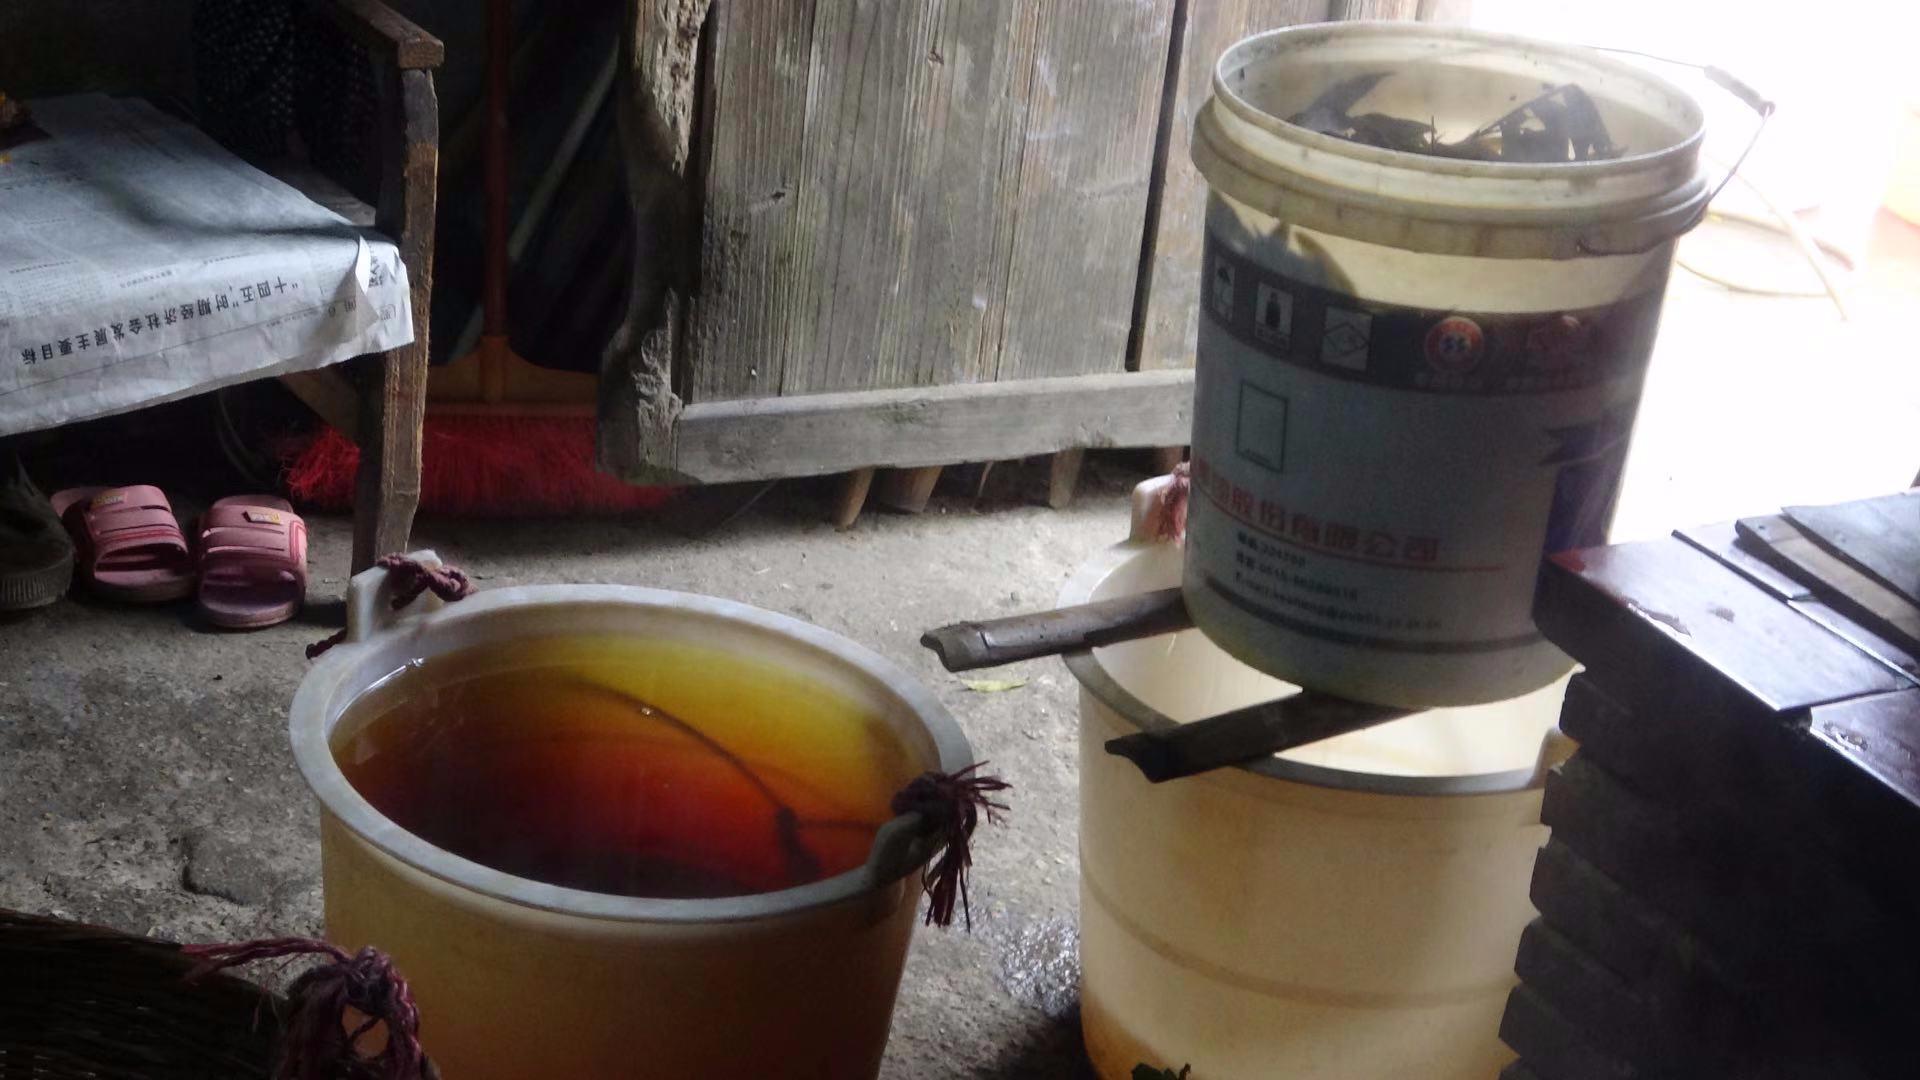 宏扬农村传统文化:农村老妈妈带你了解纯天然碱水的烧制过程